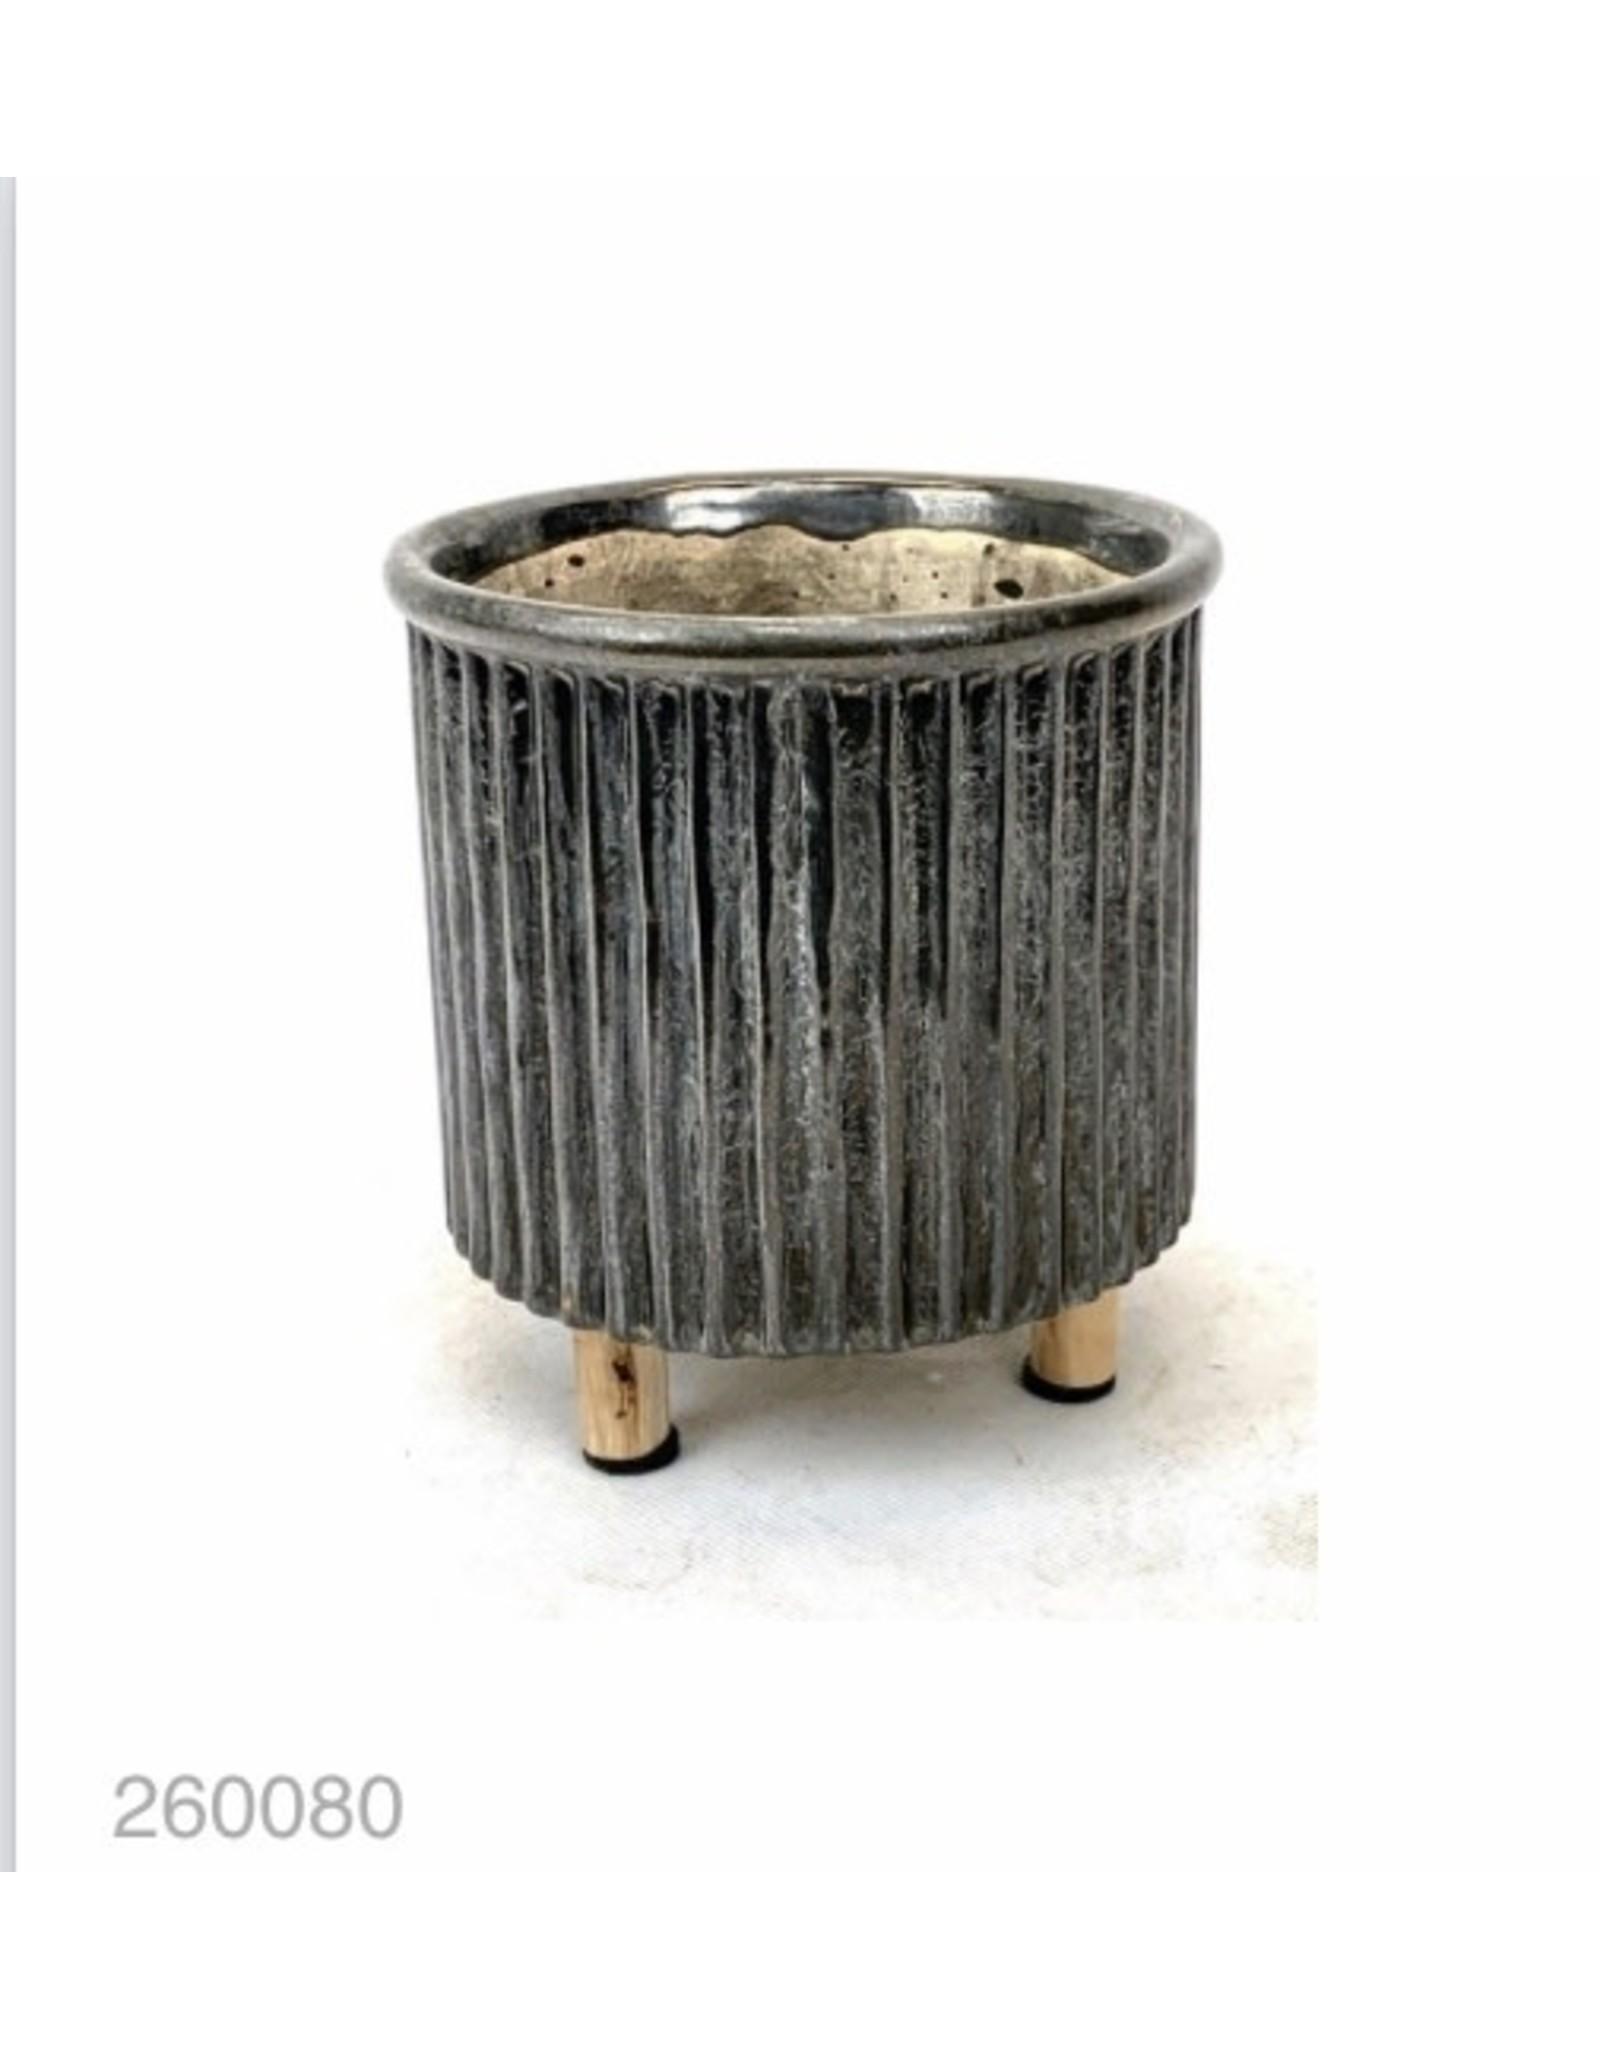 MANSION Bloempot Concrete pot on wooden leg Industrial